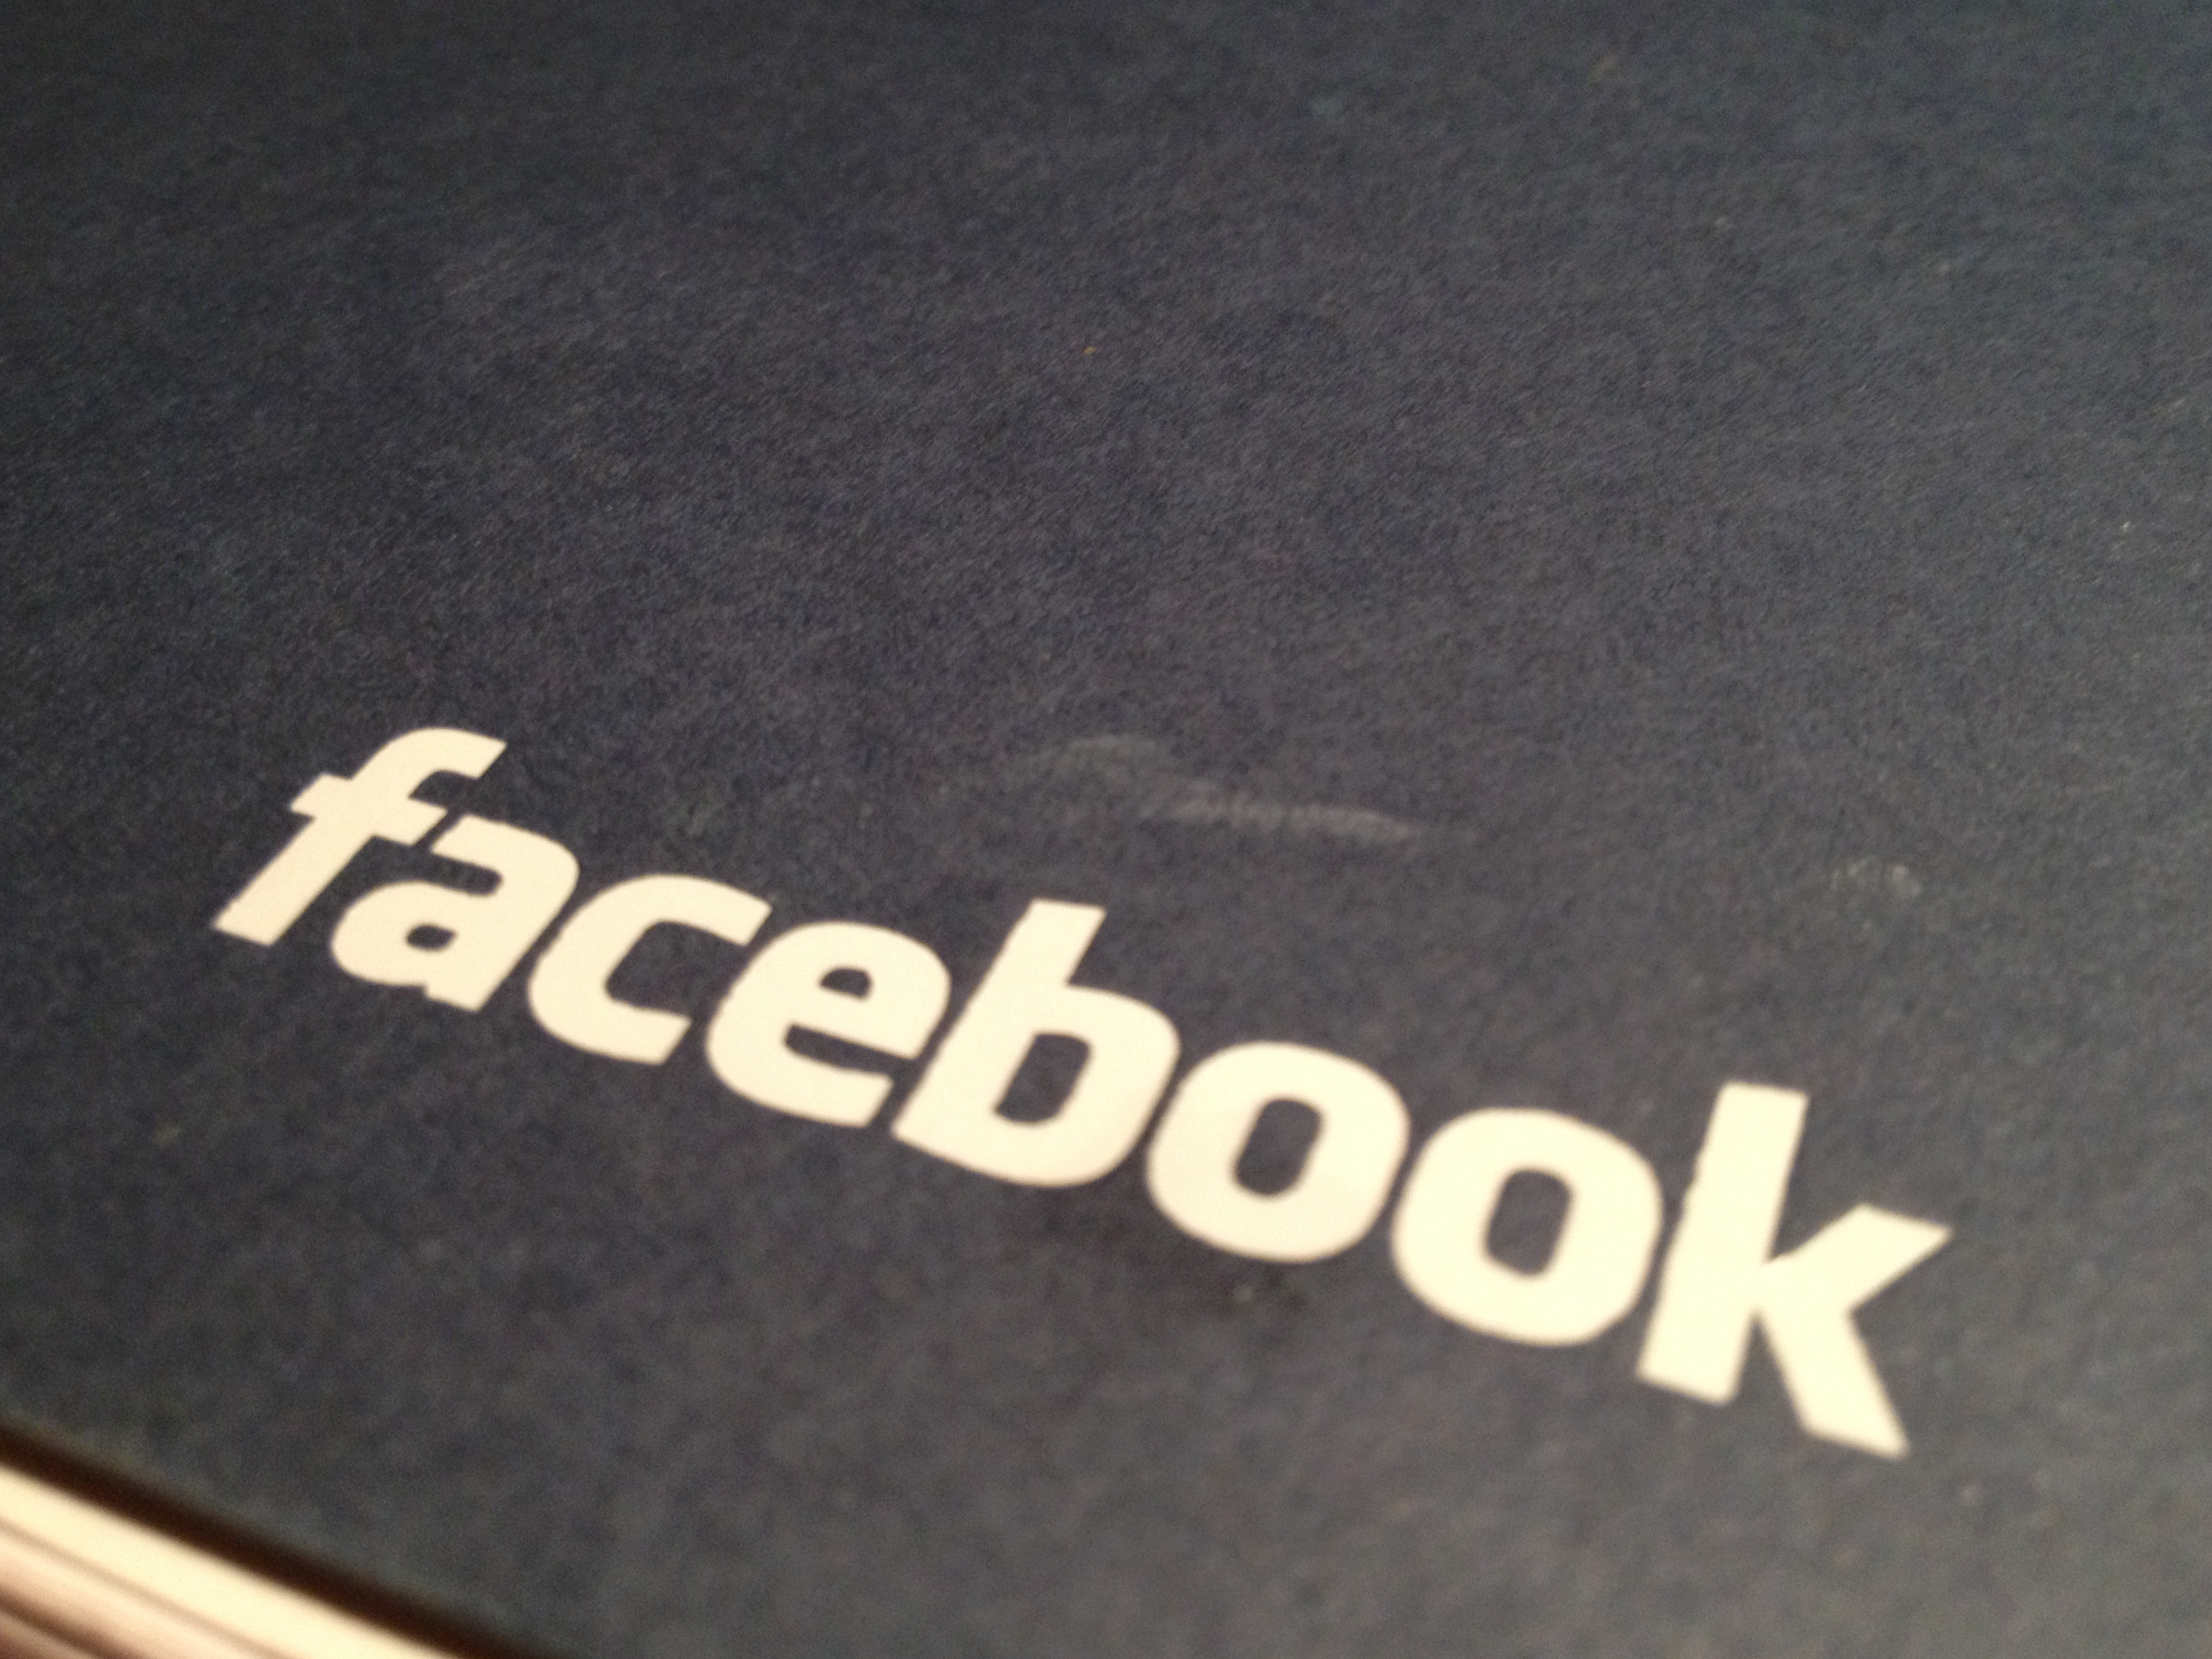 פרסום בפייסבוק, מחיר התהילה